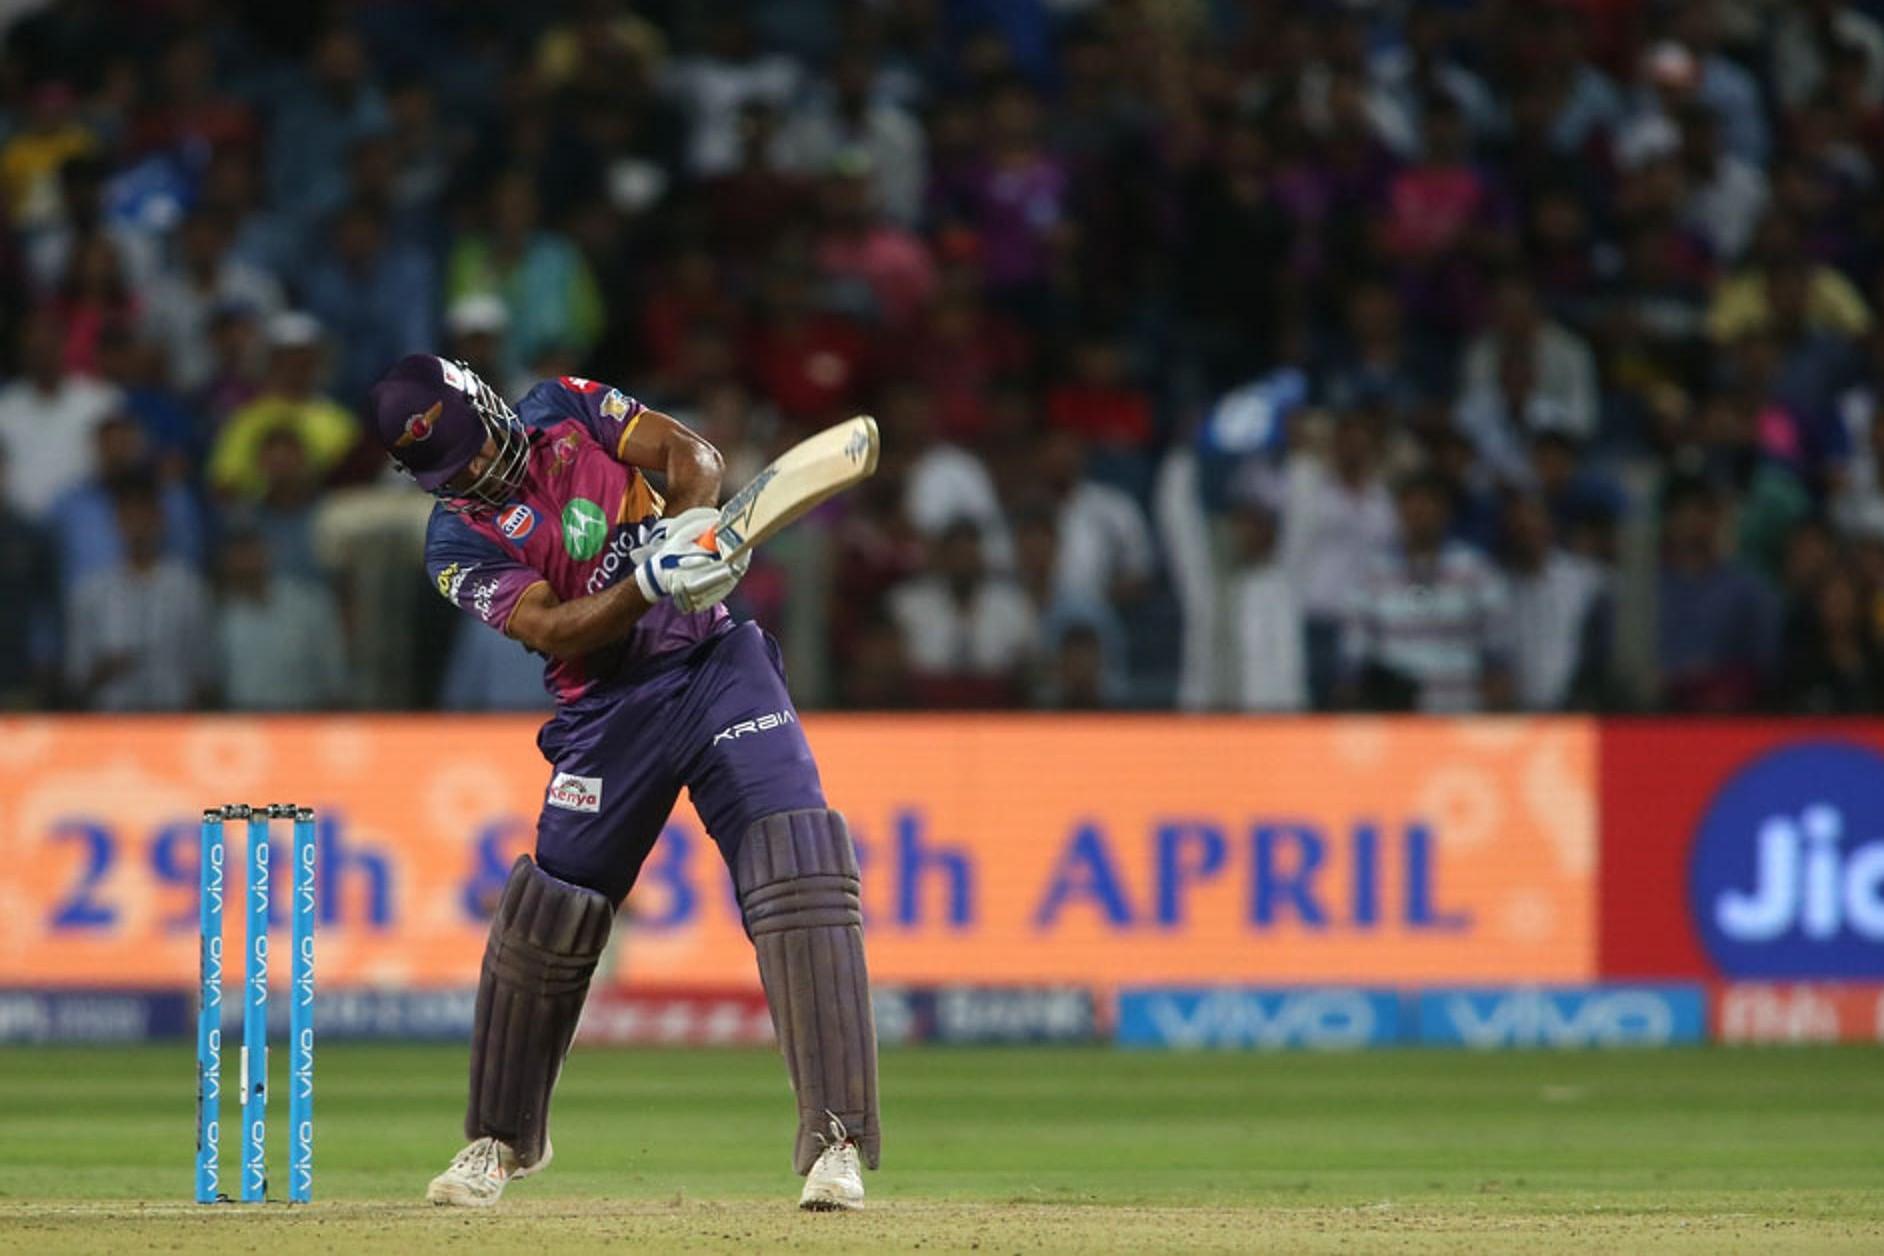 IPL10: पुणे बनाम हैदराबाद ये रहे मैच के 5 बड़े निर्णायक क्षण 2